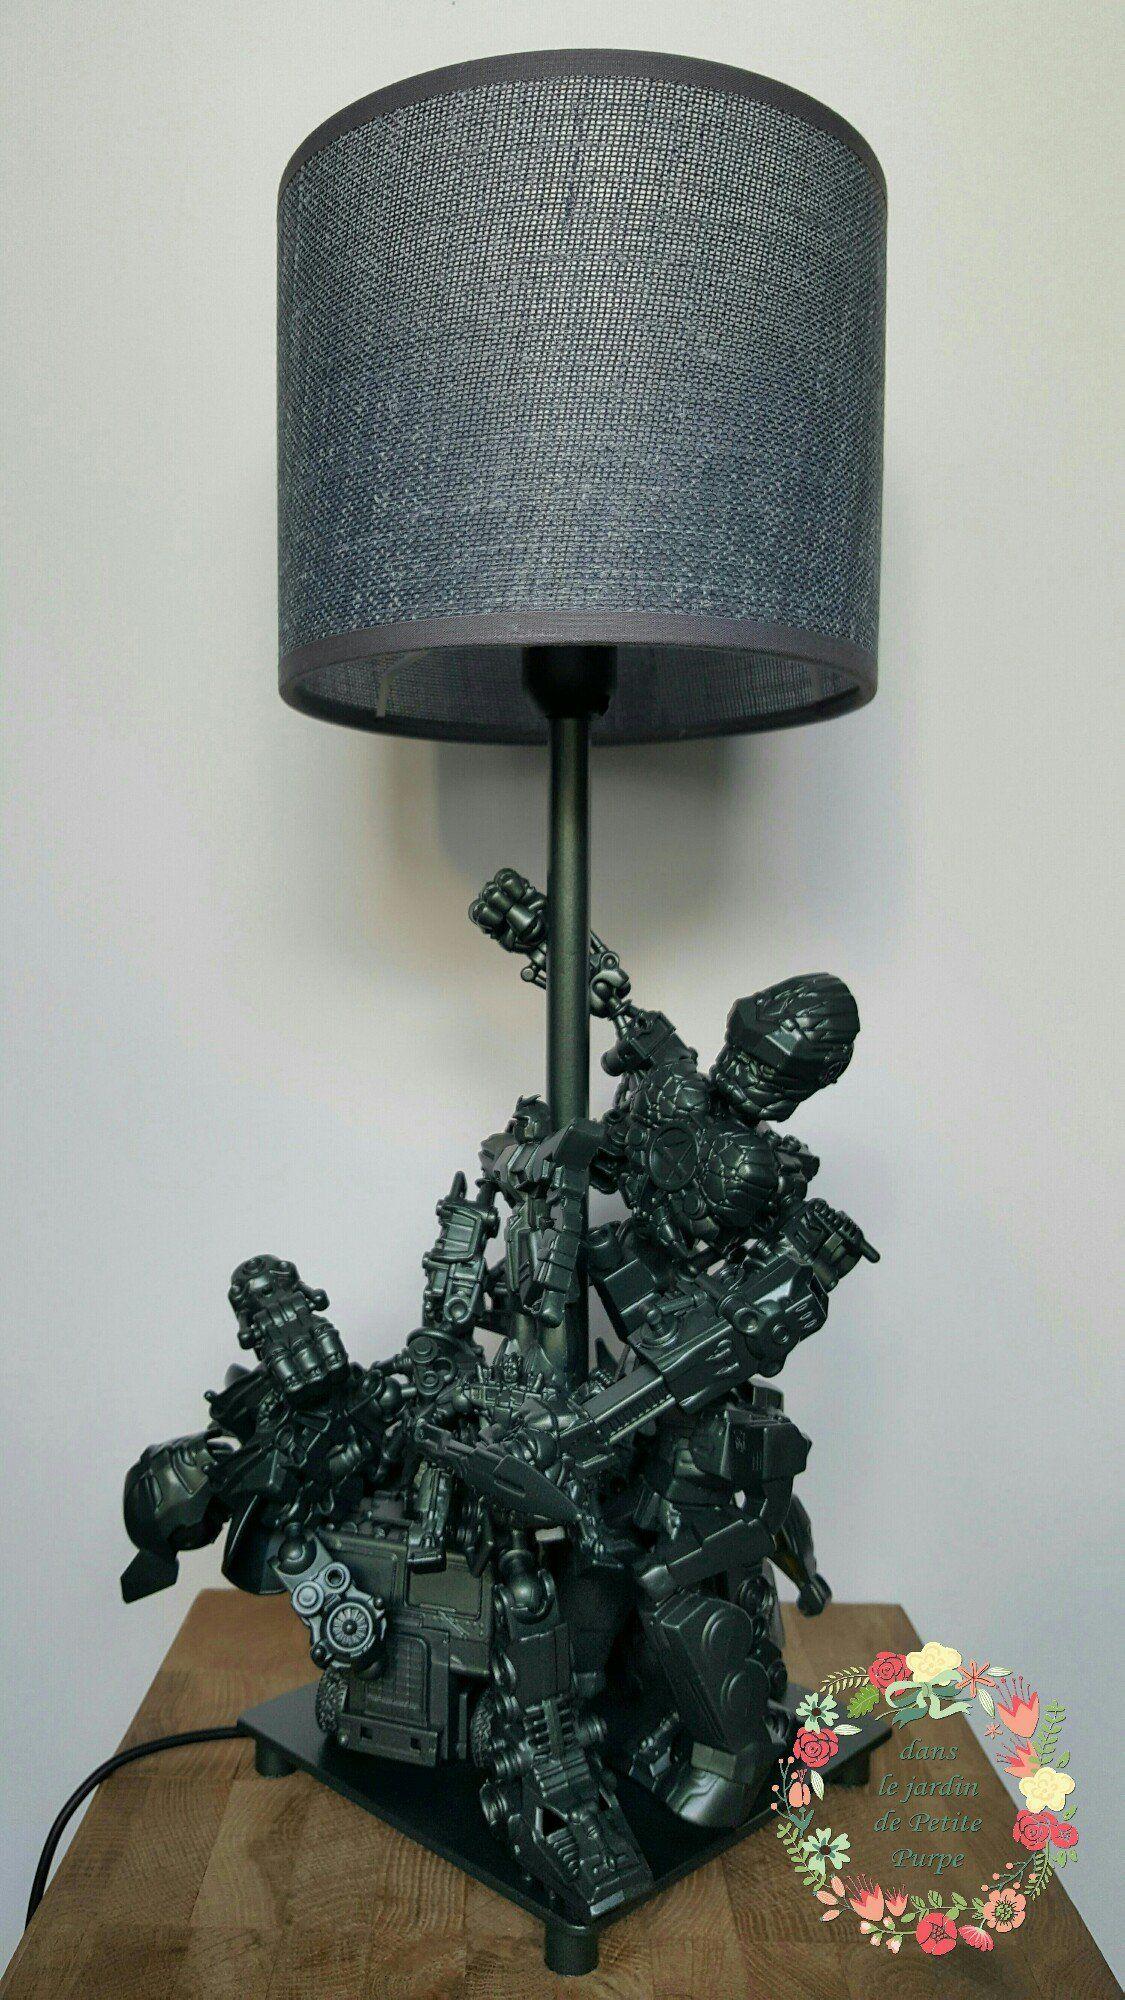 Lampe Figurines D Action By Dans Le Jardin De Petite Purpe Cr Ation De R ºves Feature 100 Brand New And H Led Light Box Figurines D Action Decorative Items